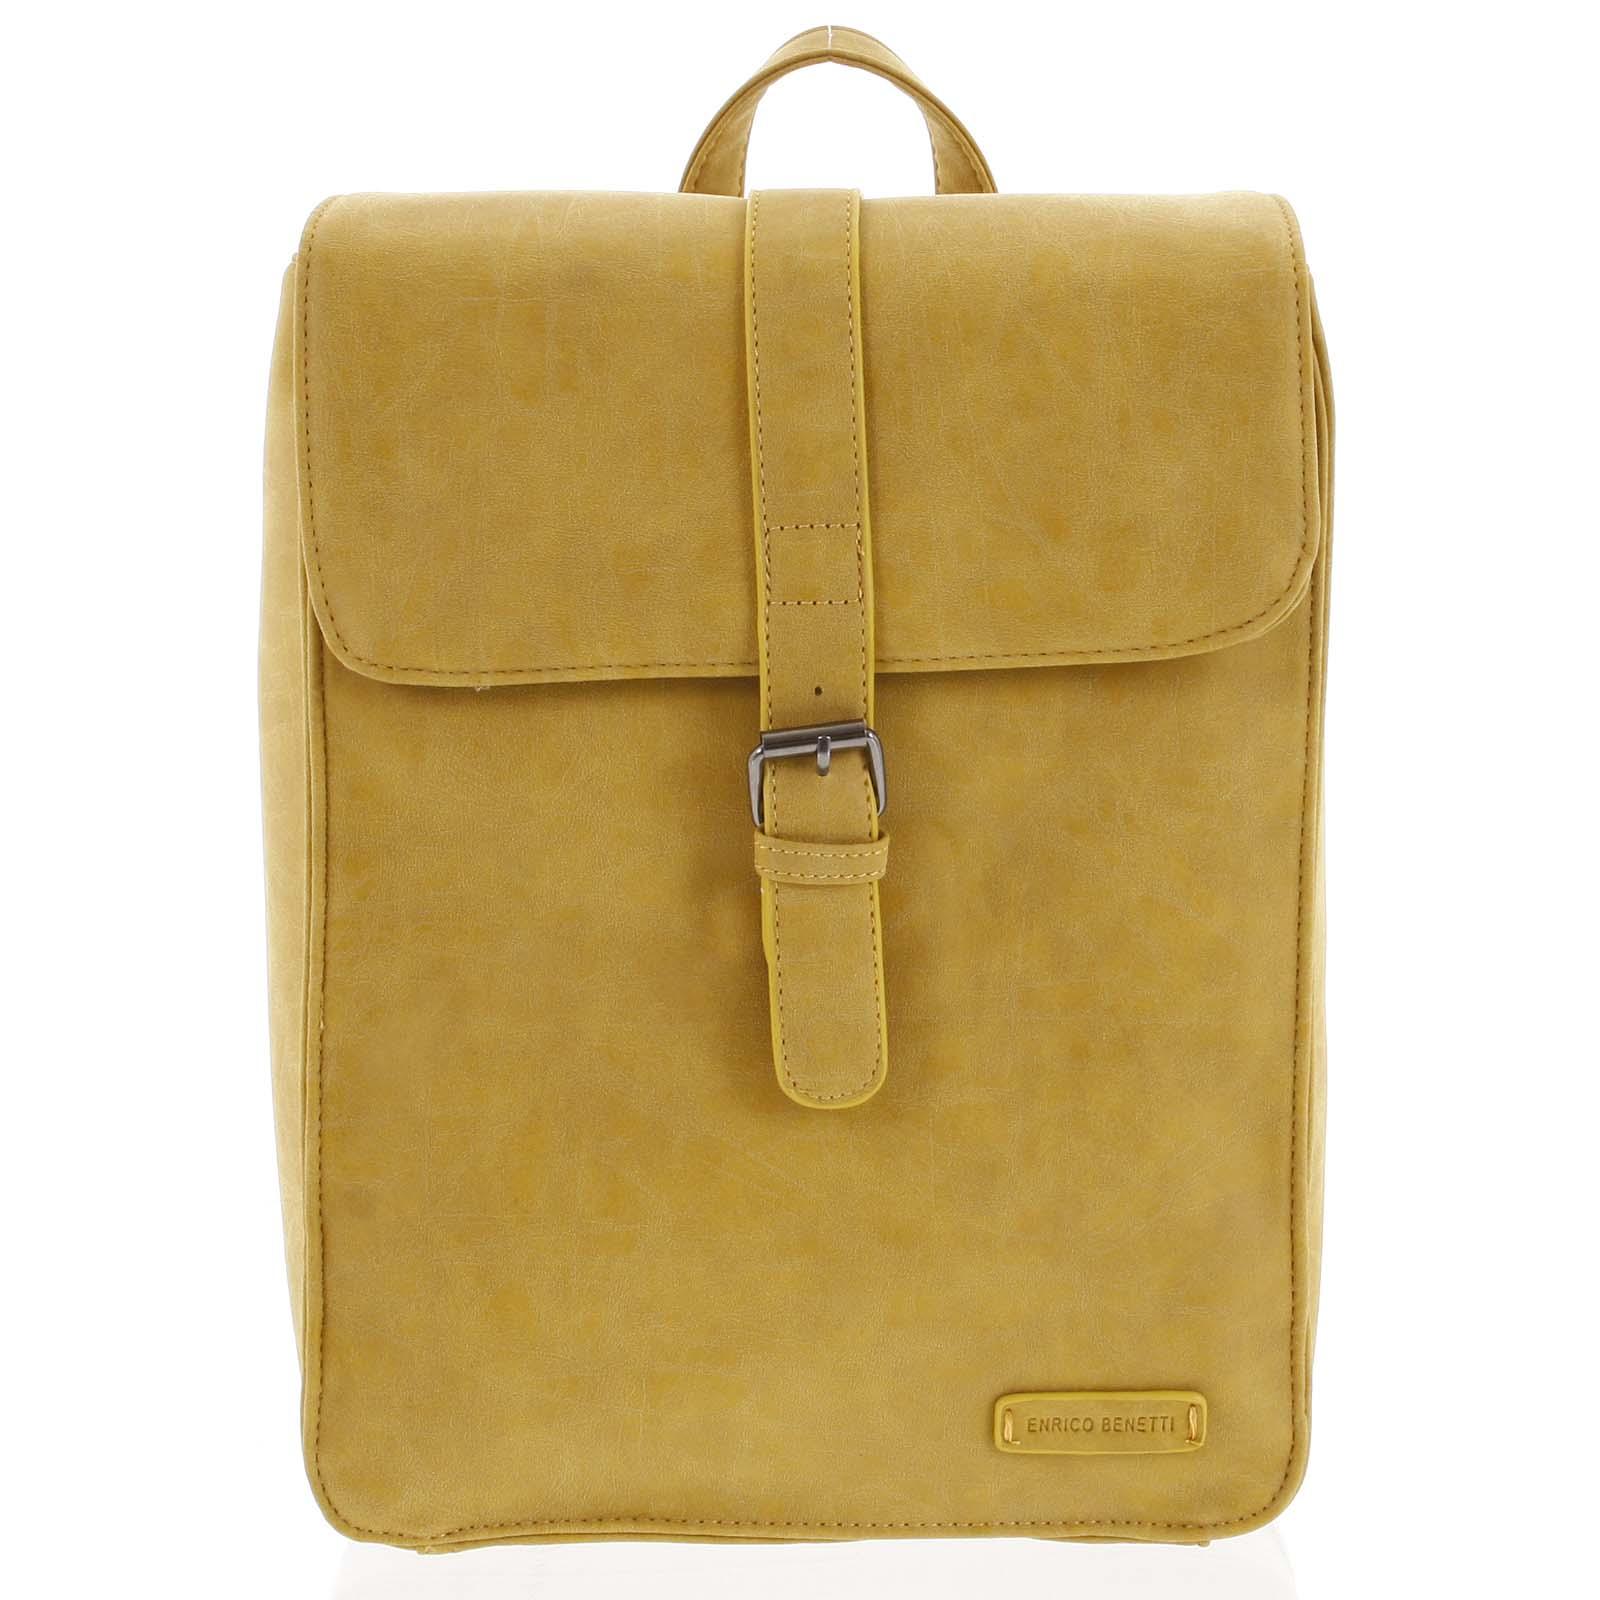 Štýlový batoh žltý- Enrico Benetti Steffani žltá